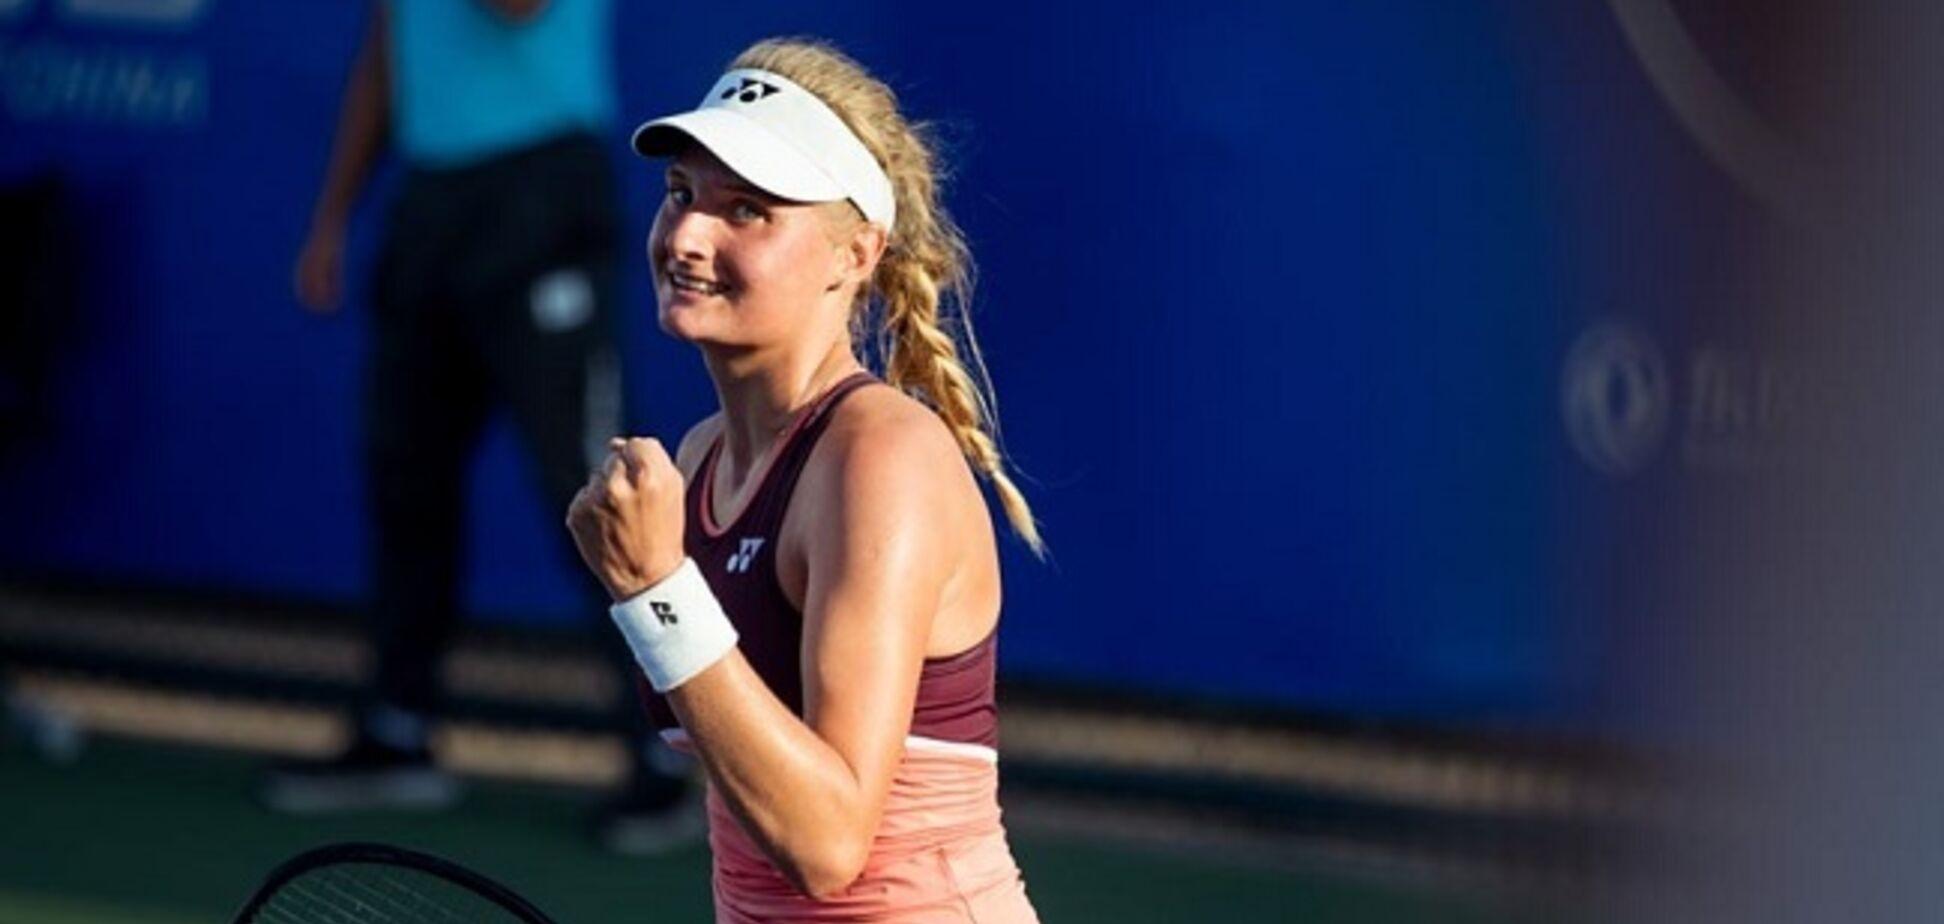 Сенсация: юная украинская теннисистка разгромила вторую ракетку мира